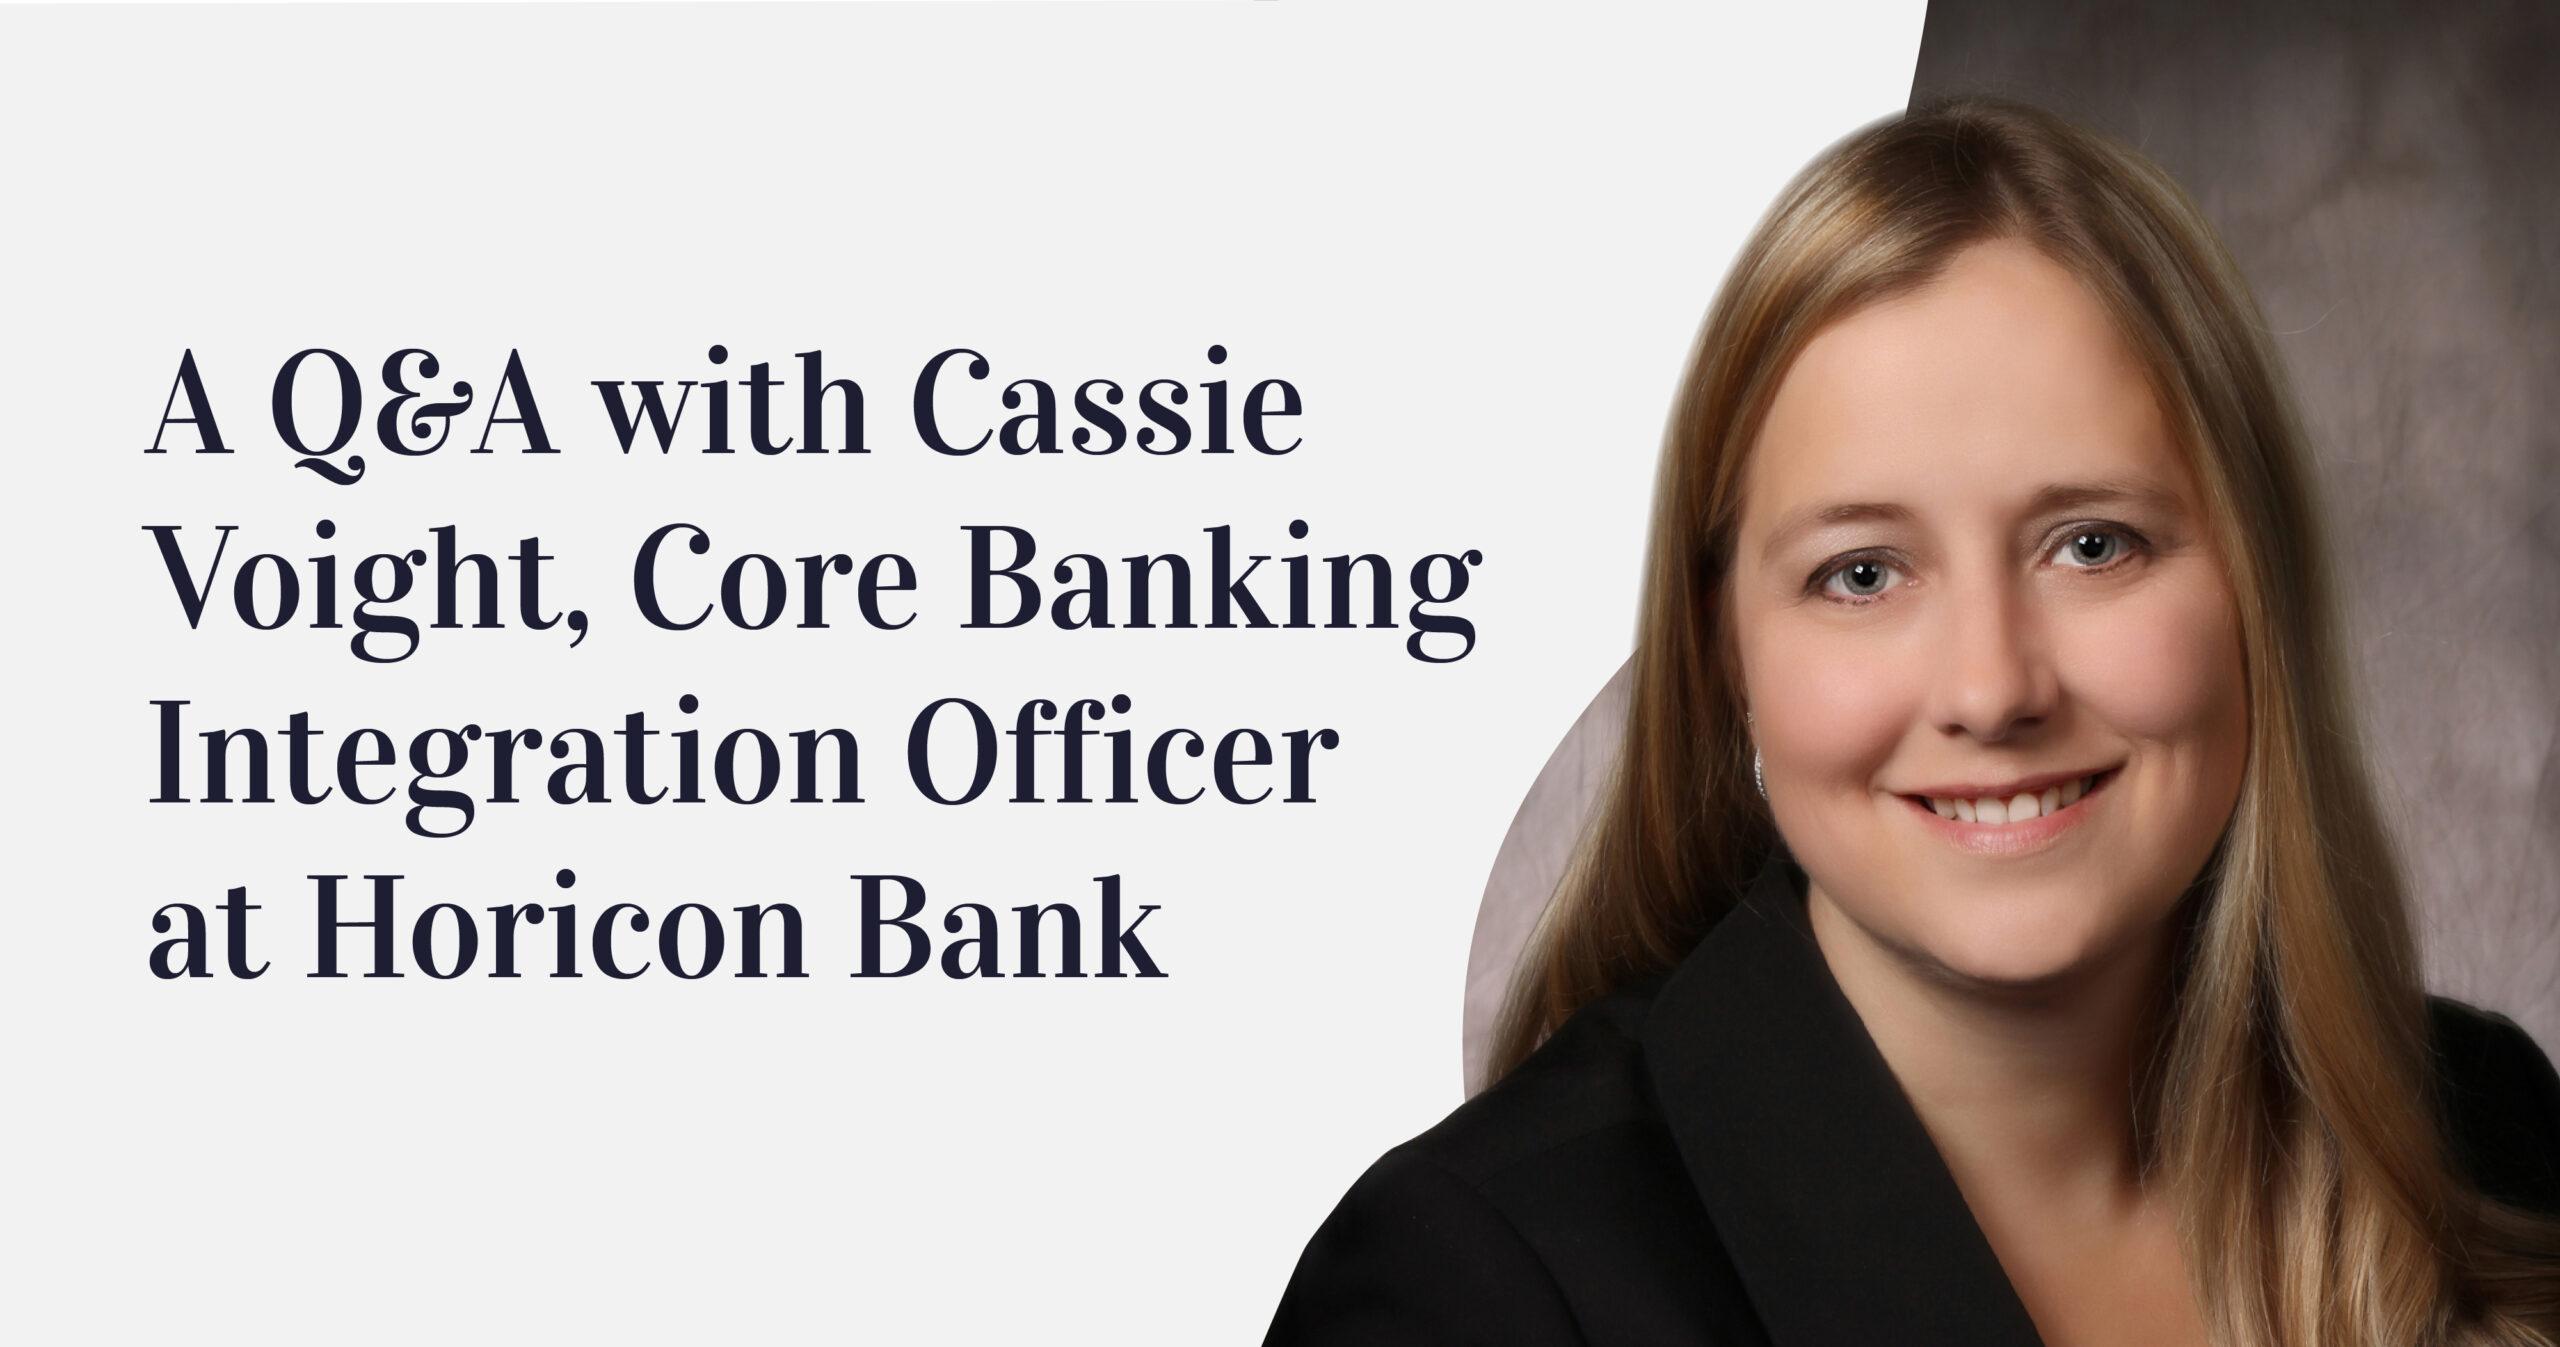 Cassie Voight